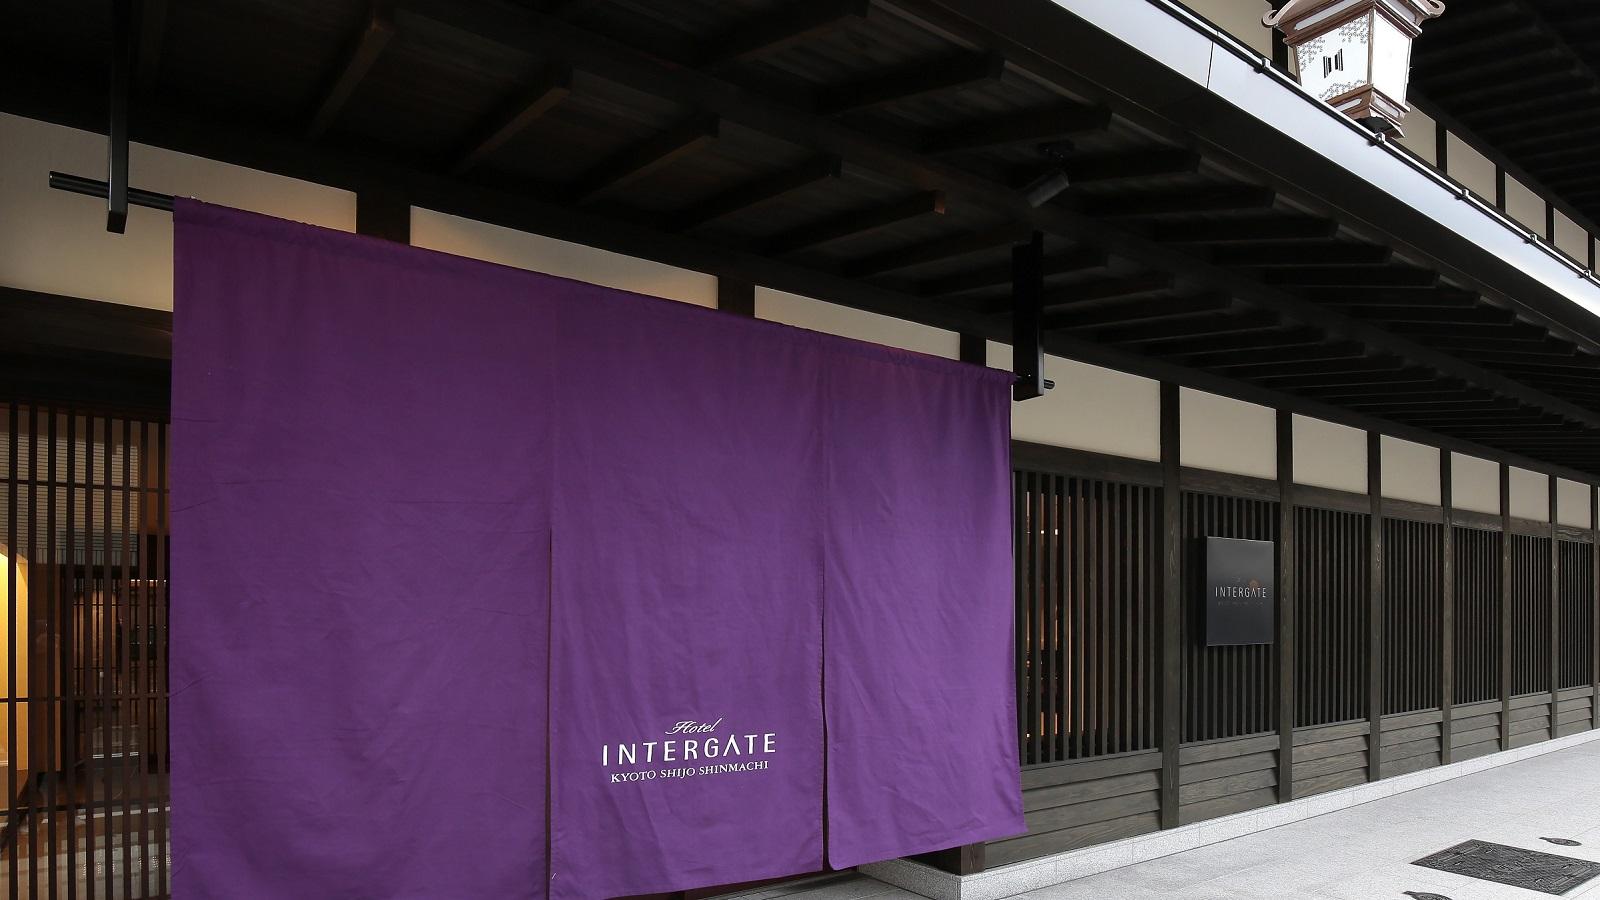 ホテルインターゲート京都 四条新町(2018年3月オープン)...